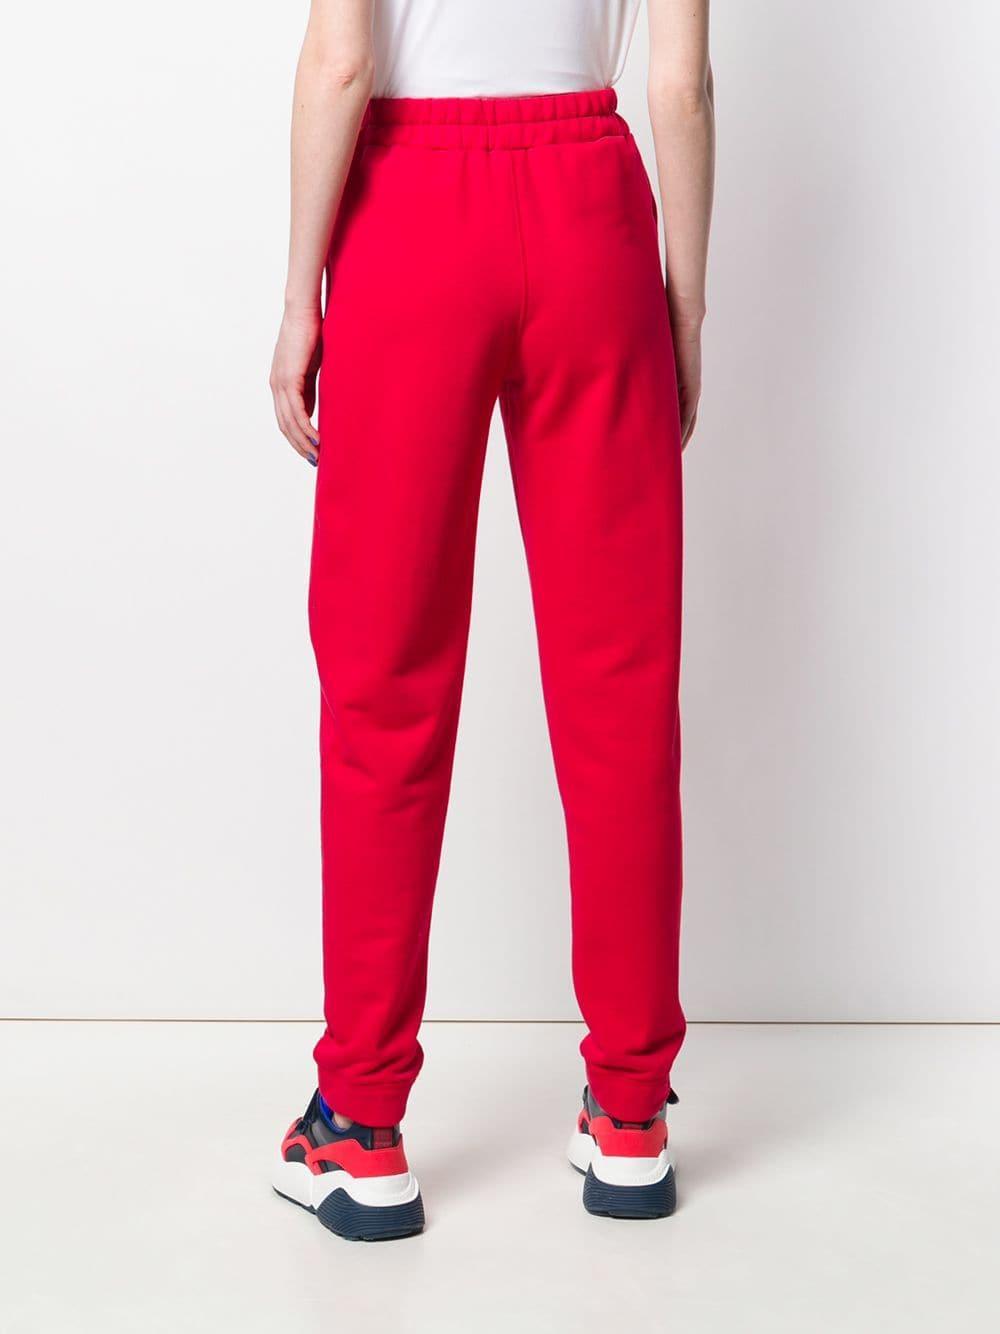 Pantalones de chándal con logo estampado Styland de Tejido sintético de color Rojo